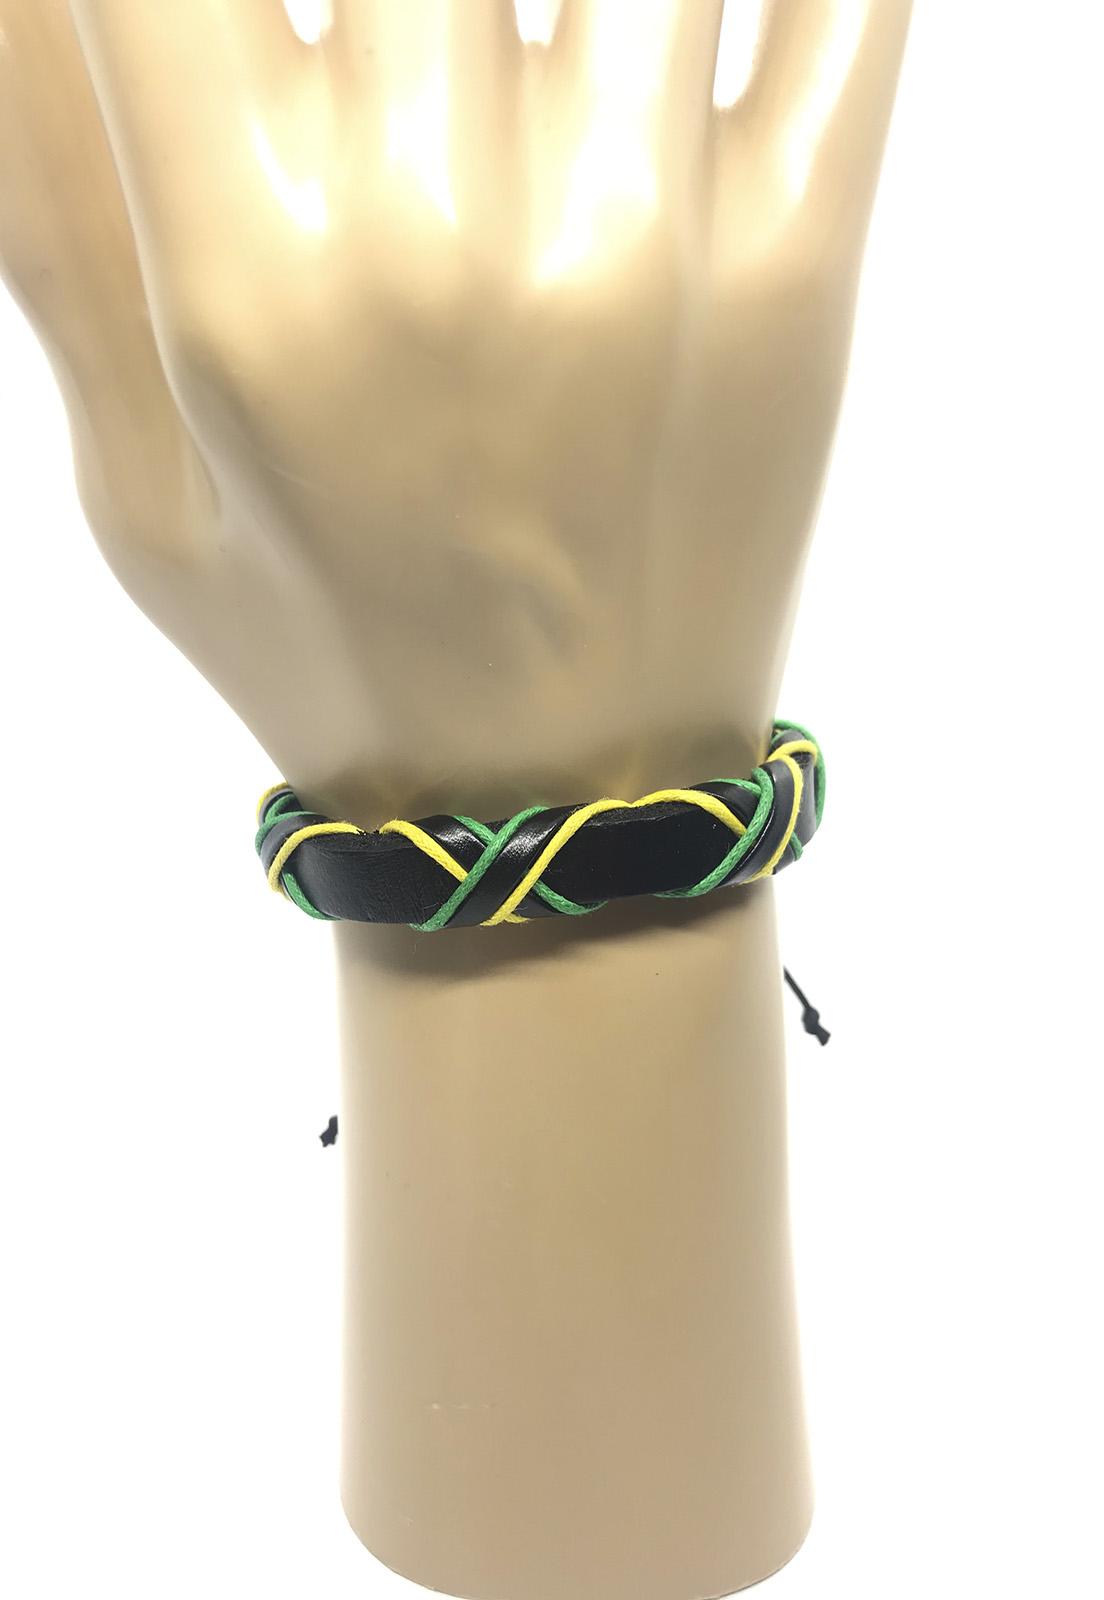 Pulseira Ajustável de Couro e Cordas Brasil Verde e Amarelo